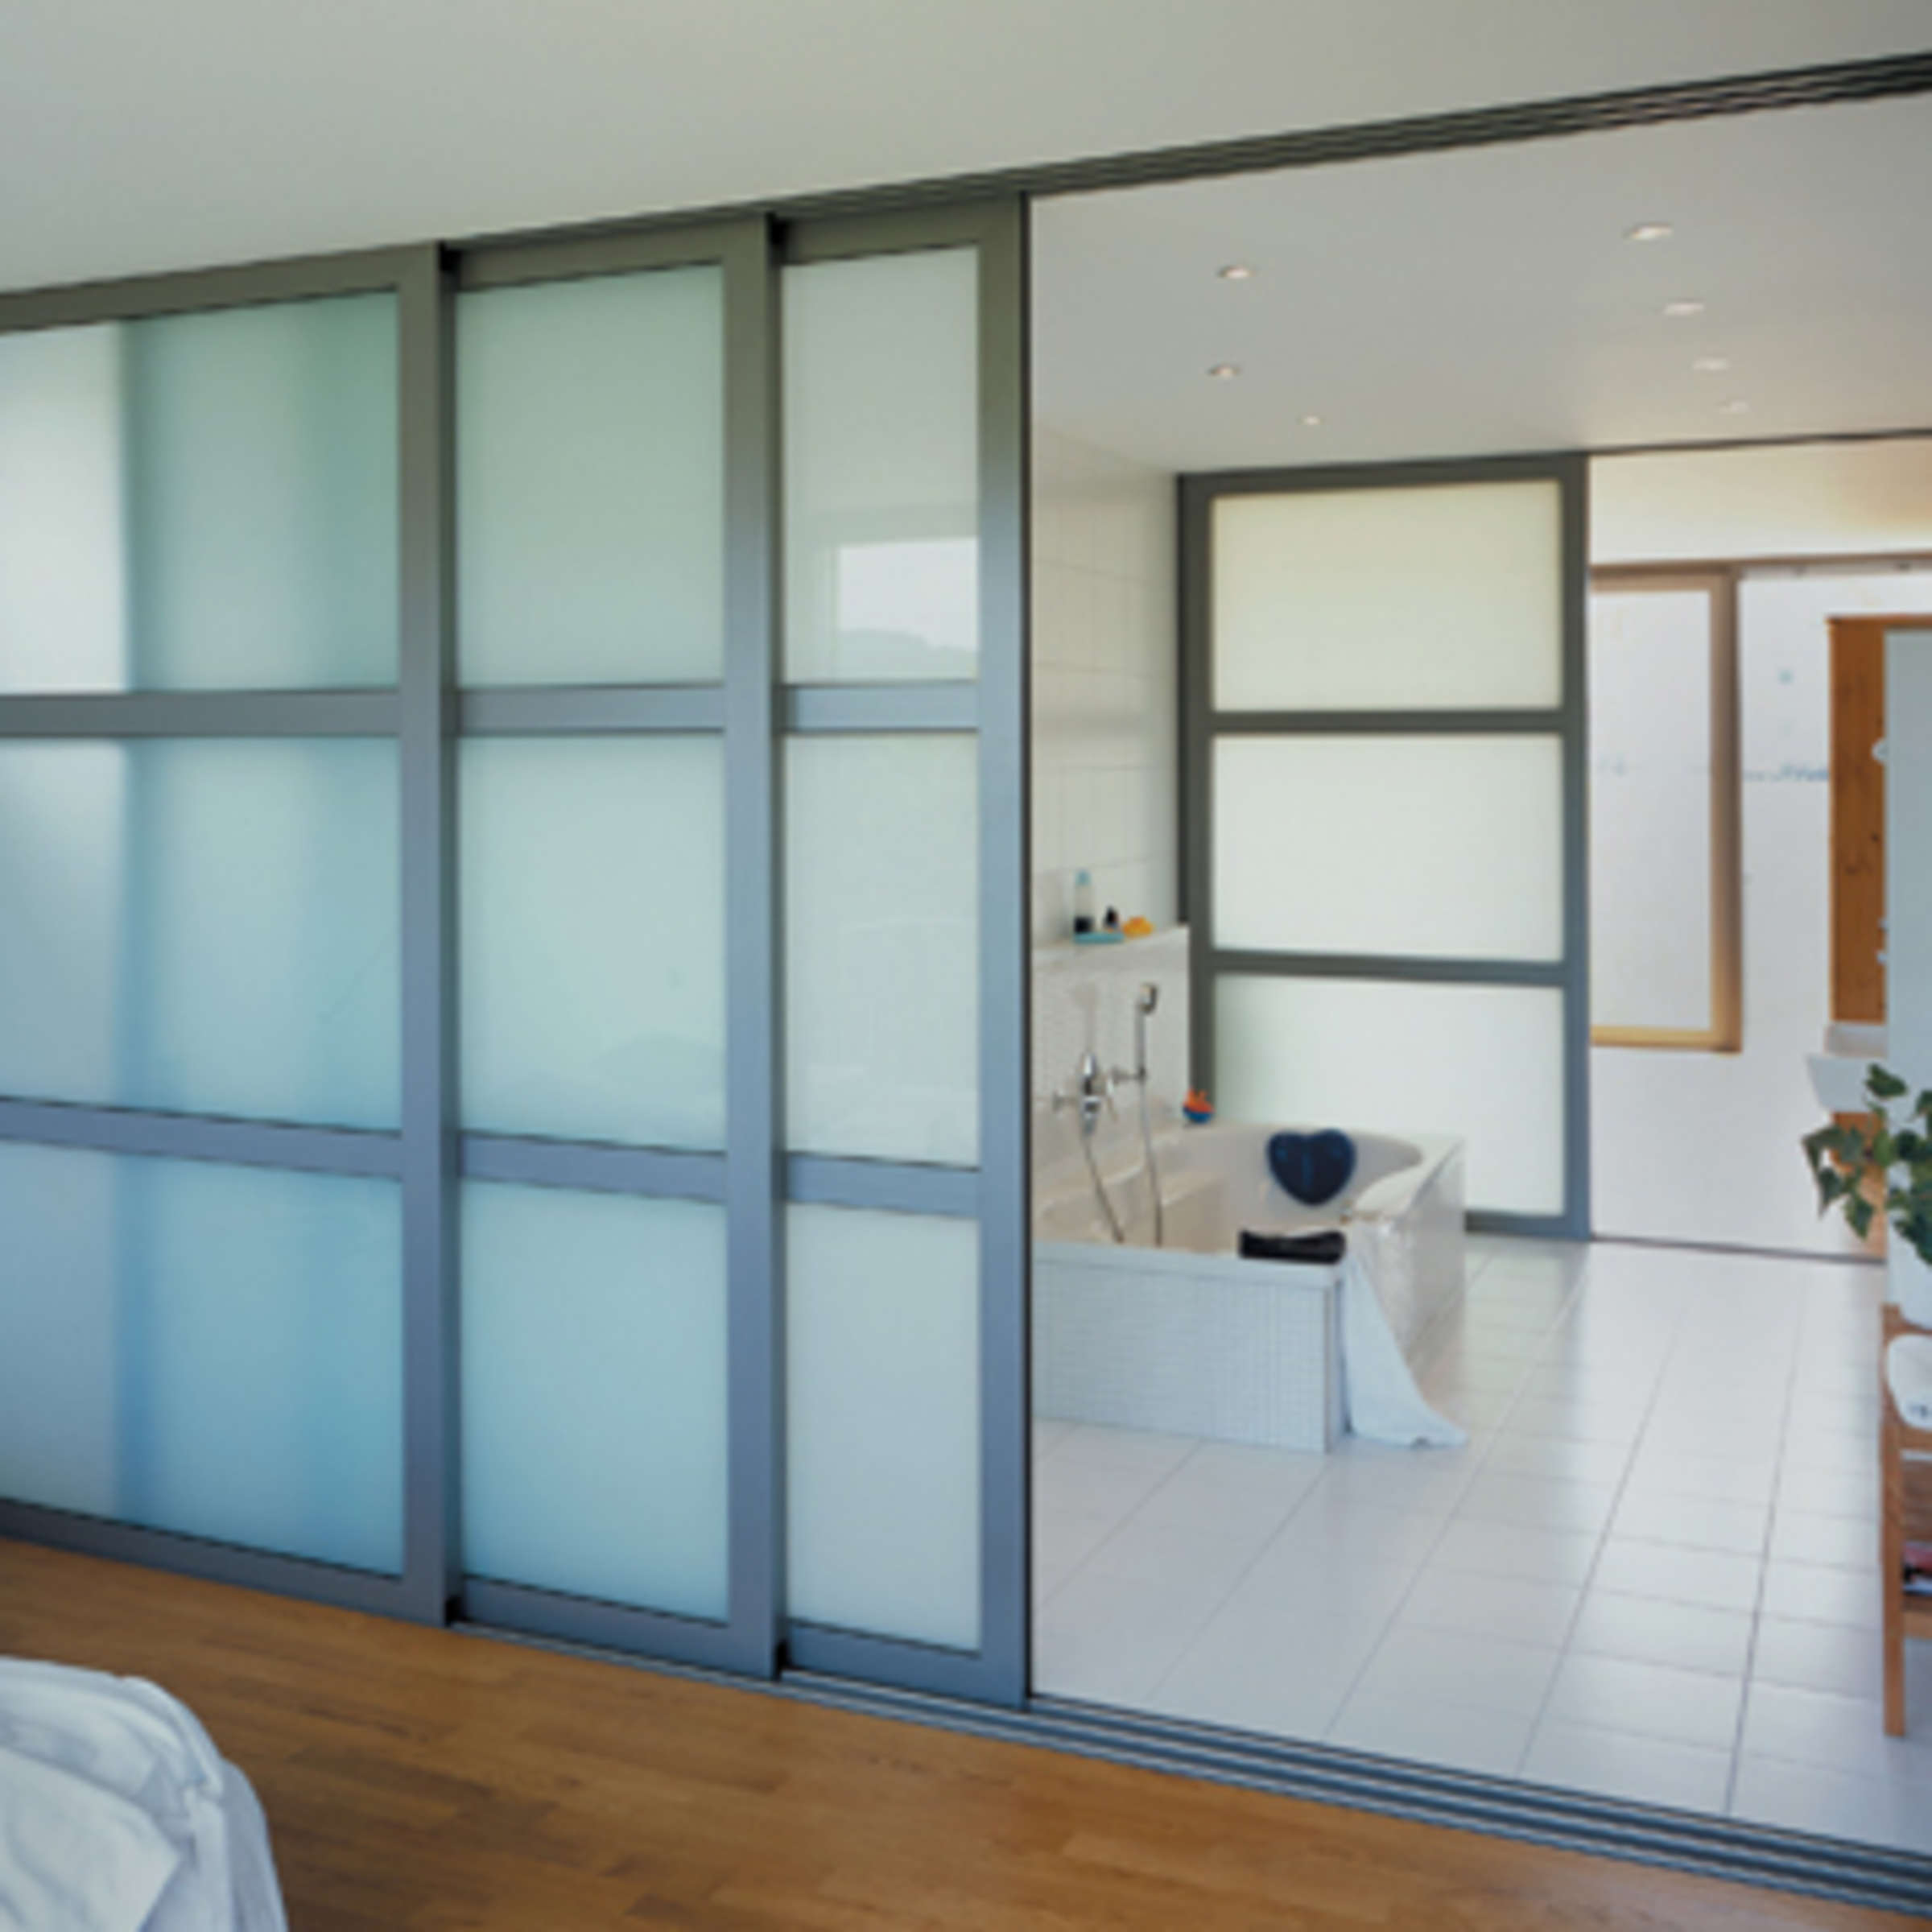 Heller Grosser Weiter Raumgestaltung Mit Glas Wohnen